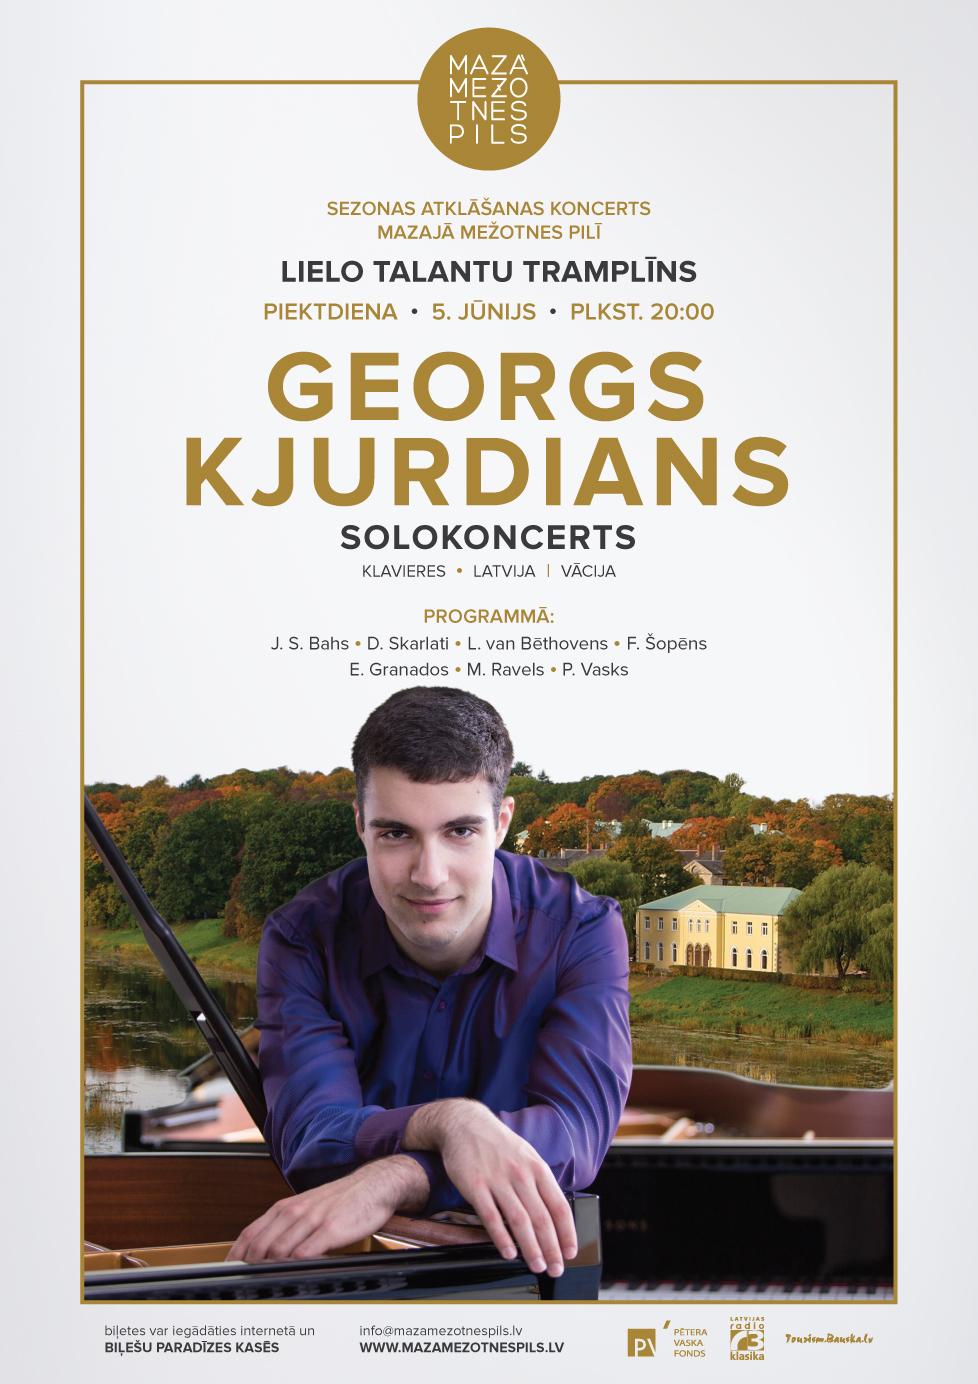 MMP_GKjurdians_Poster_A1.jpg